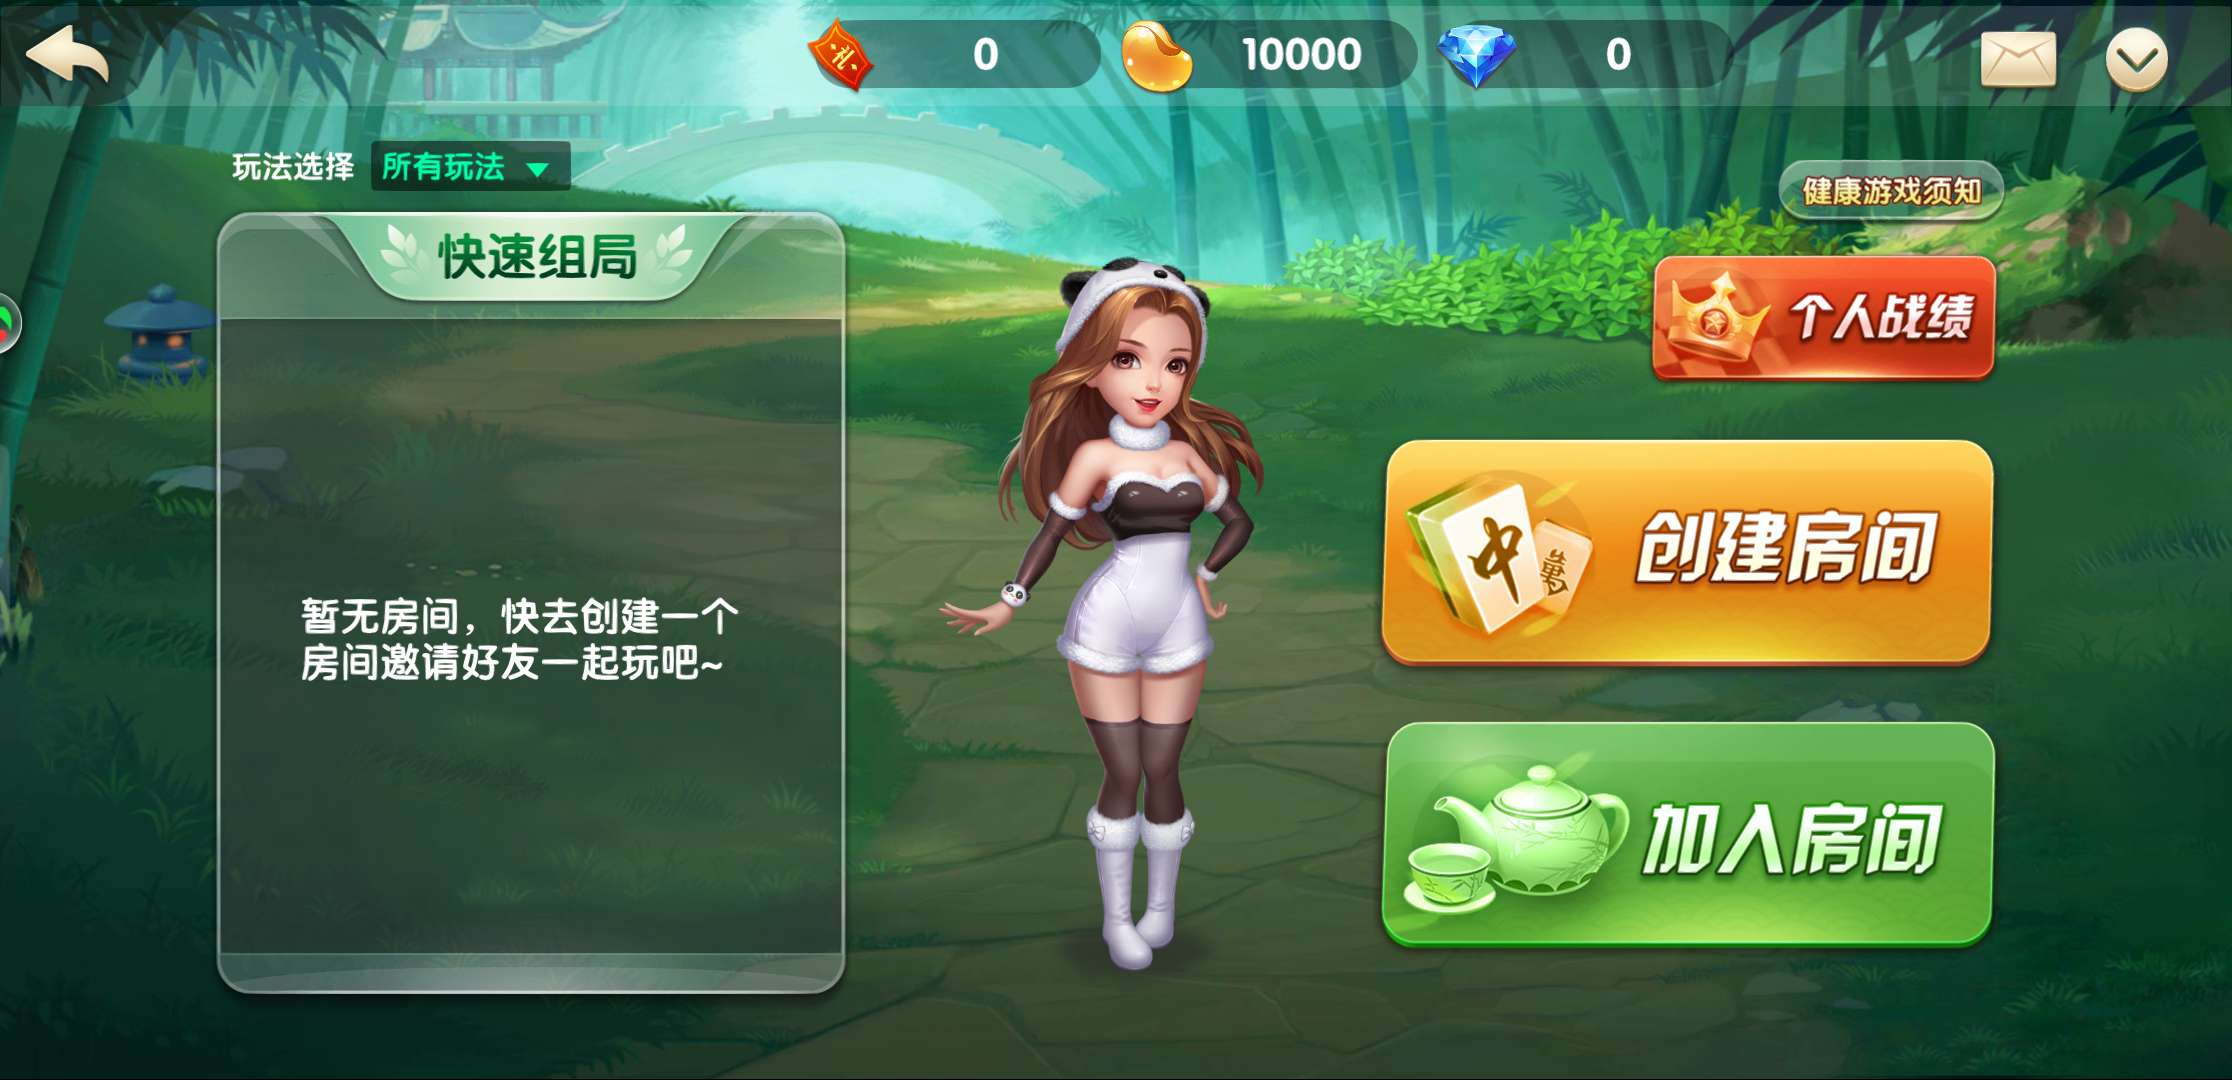 棋牌app开发报价几千元的棋牌app开发公司能选吗?